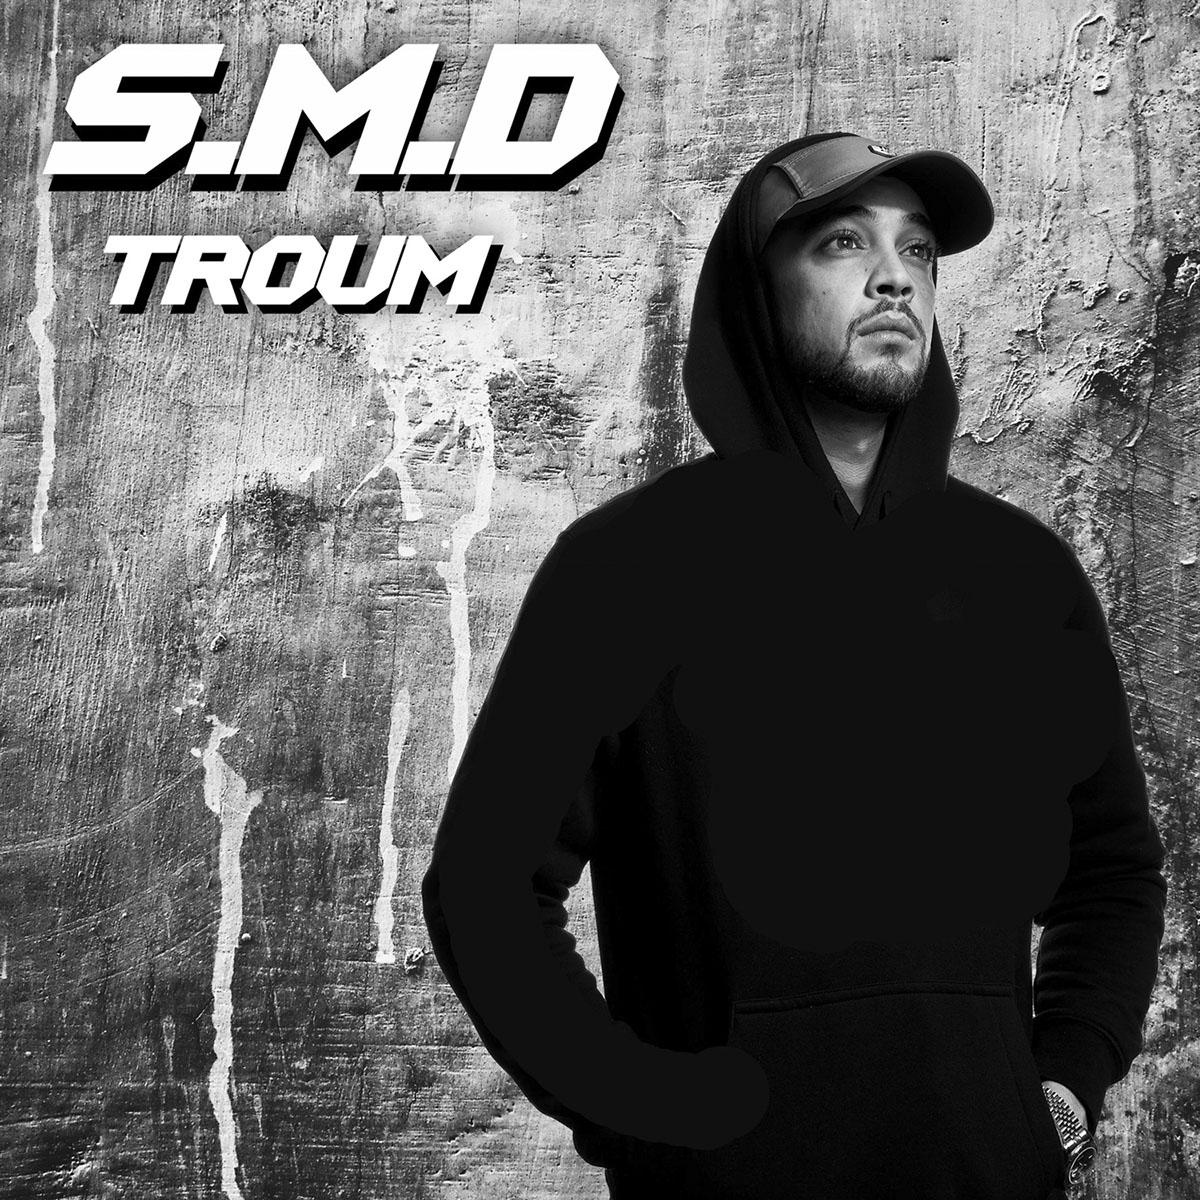 Das neue Cover für S.M.D